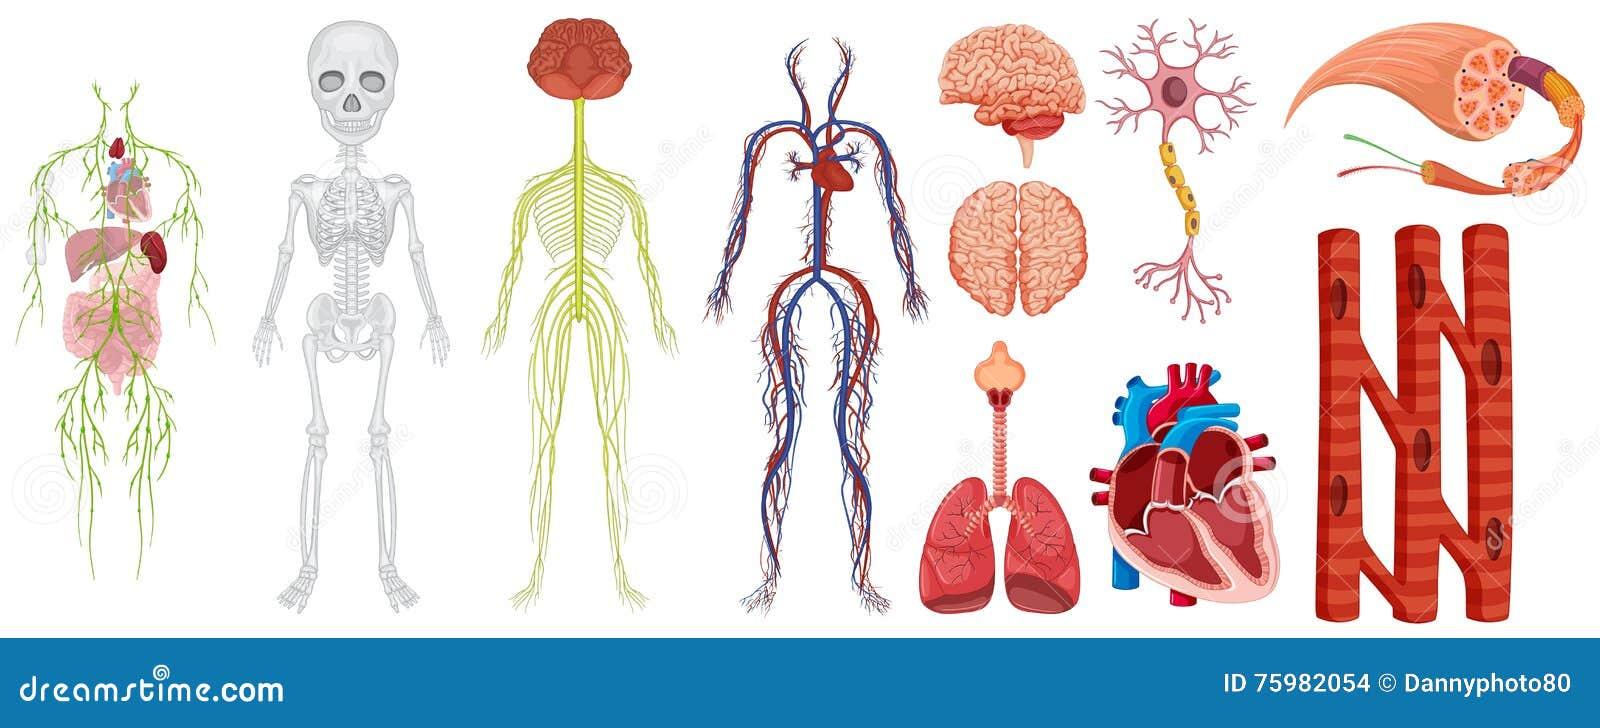 Lujo Diagramas Del Sistema Cuerpo Adorno - Anatomía de Las ...